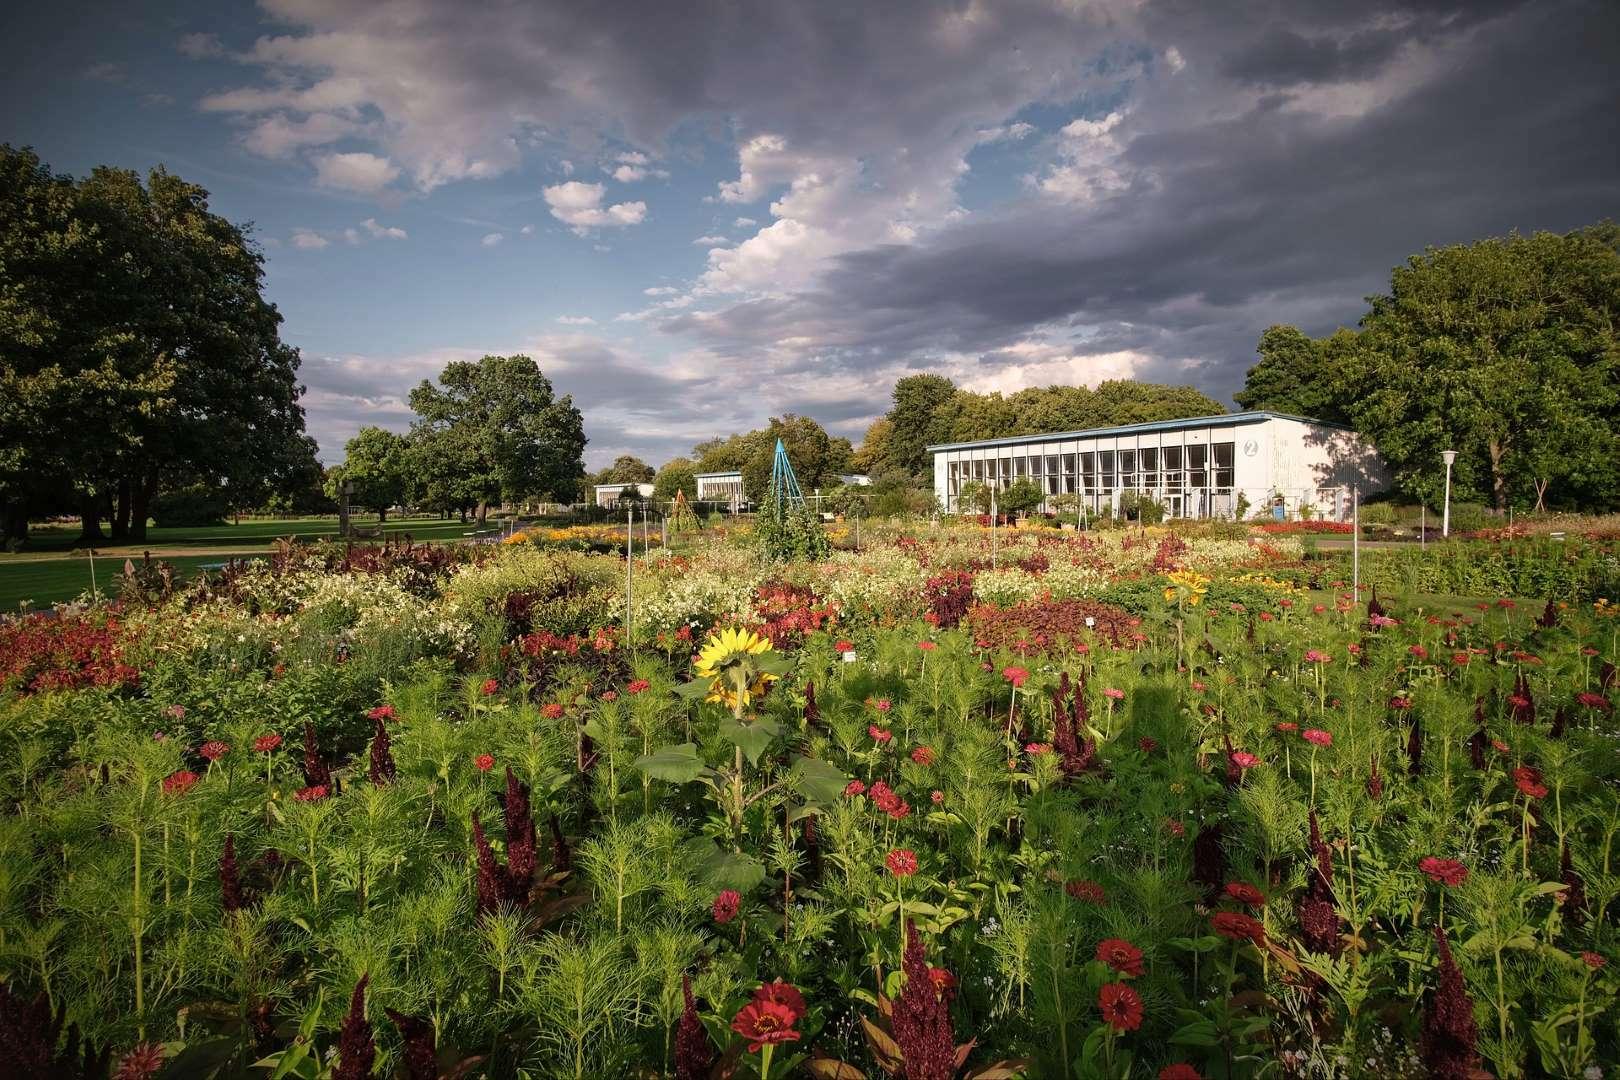 Gartenausstellung 2021 Nrw